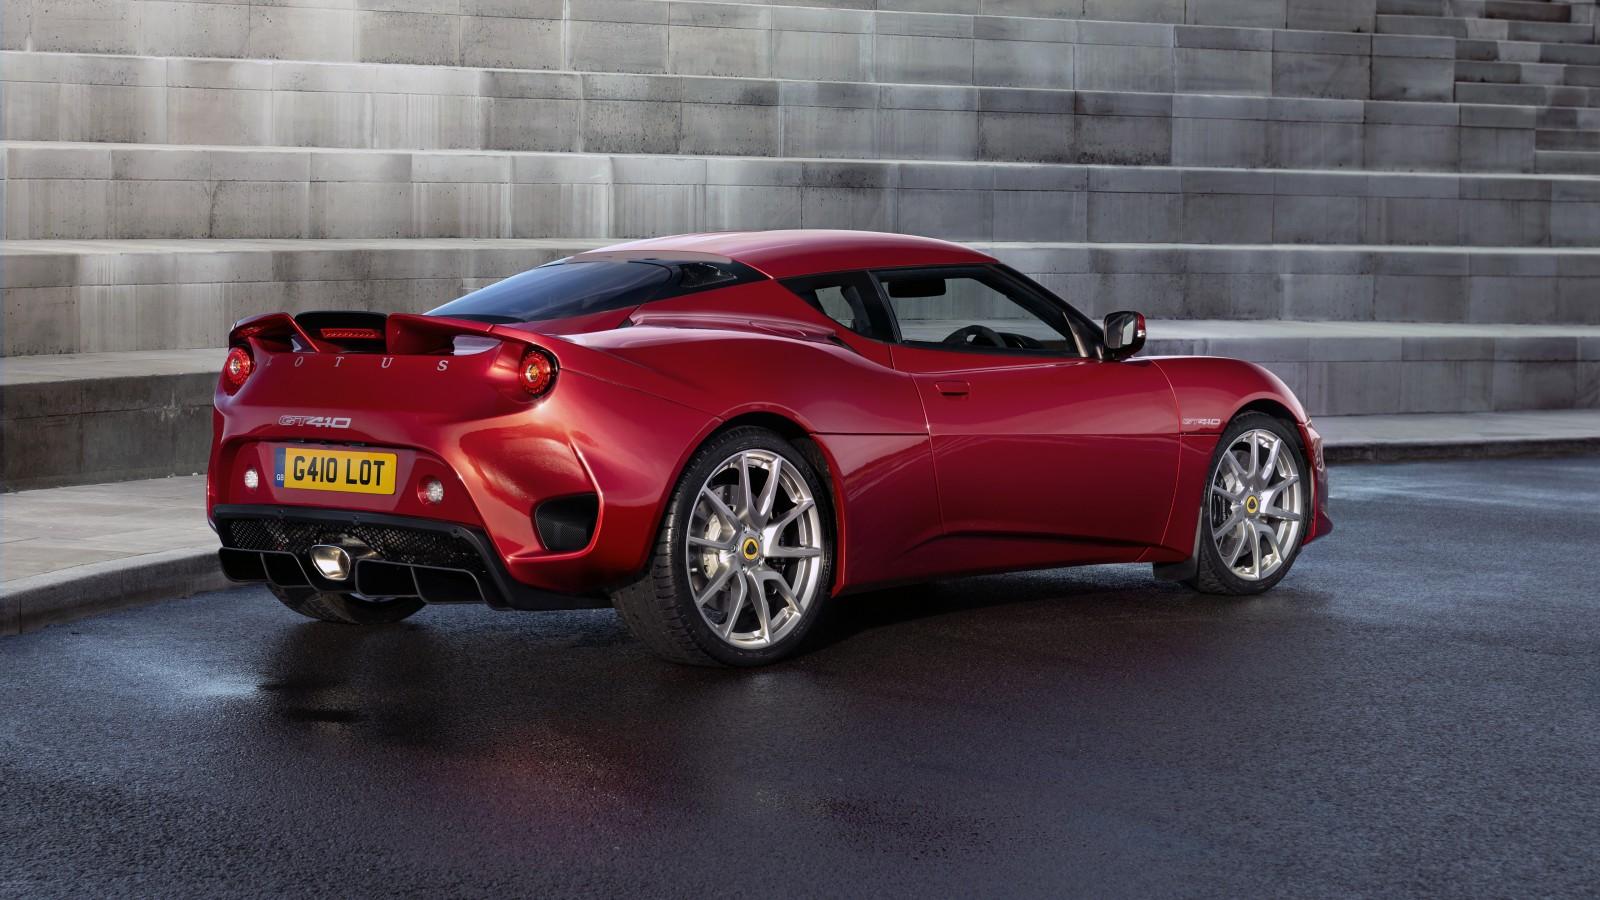 Lotus Evora GT410 2020 5K 2 Wallpaper   HD Car Wallpapers ...